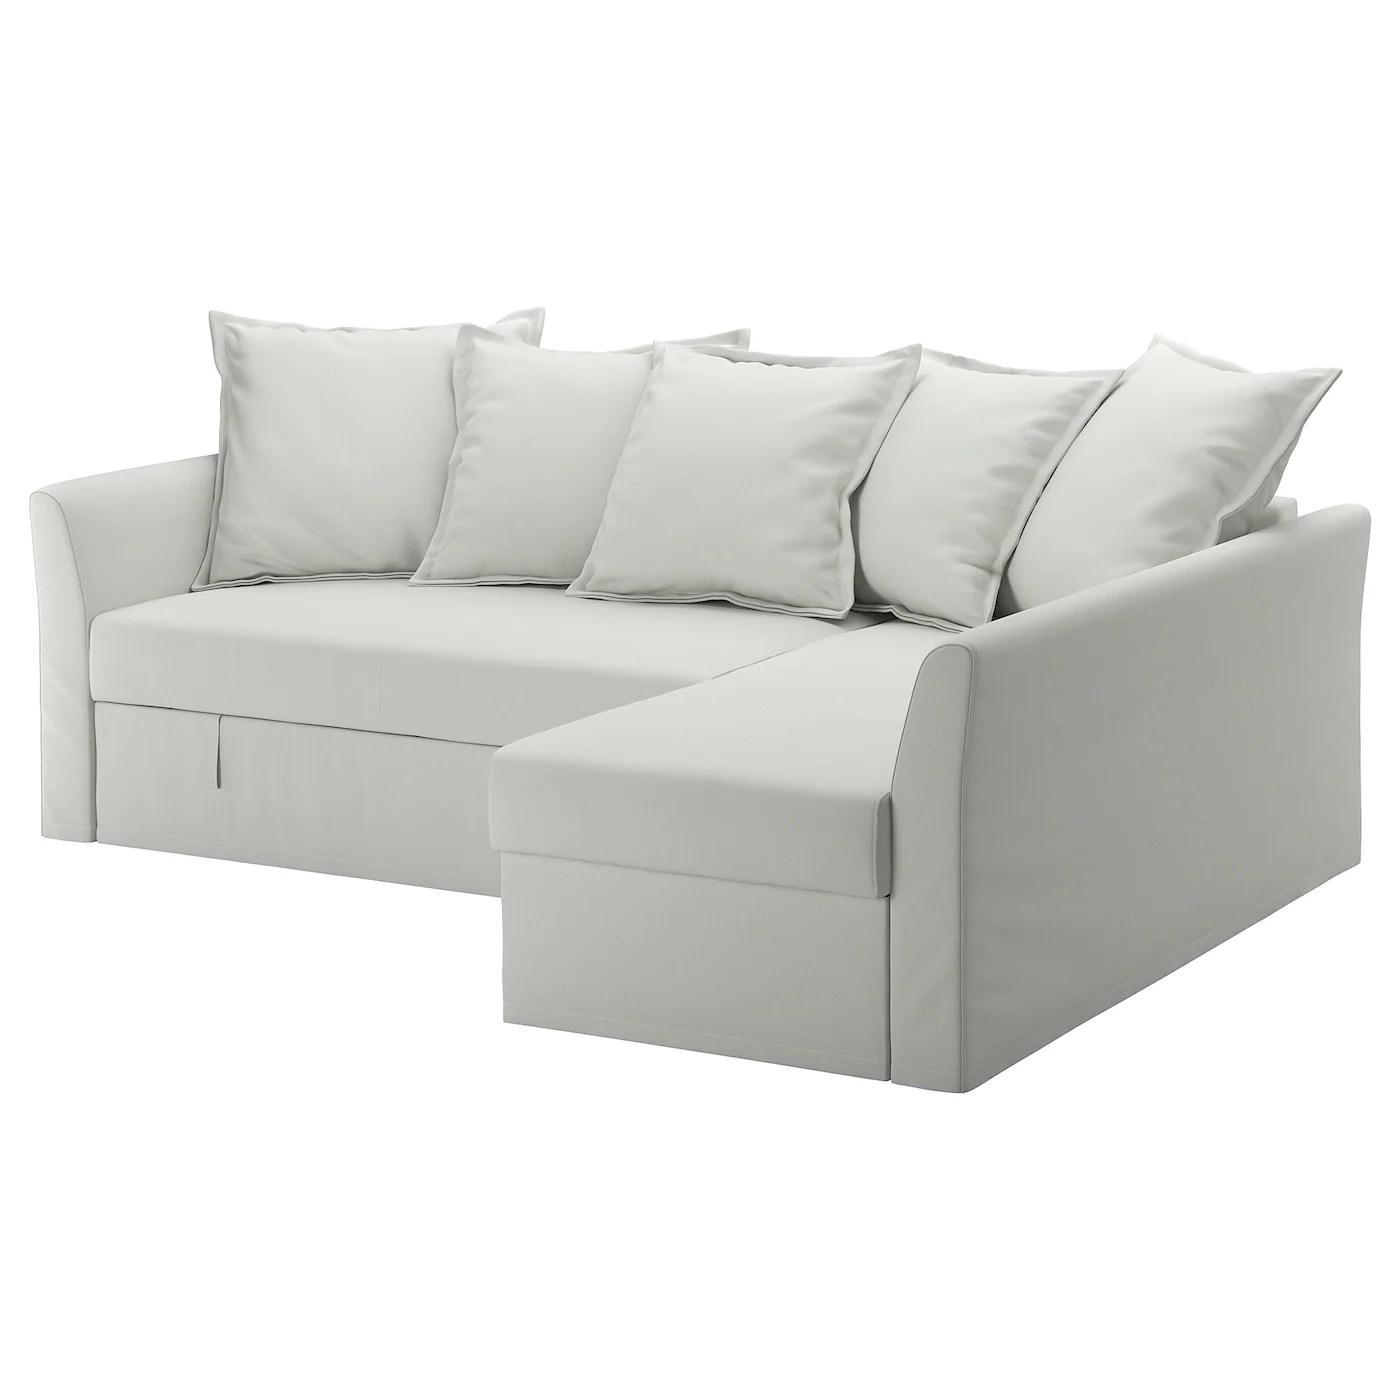 holmsund cover for sleeper sectional 3 seat orrsta light white gray